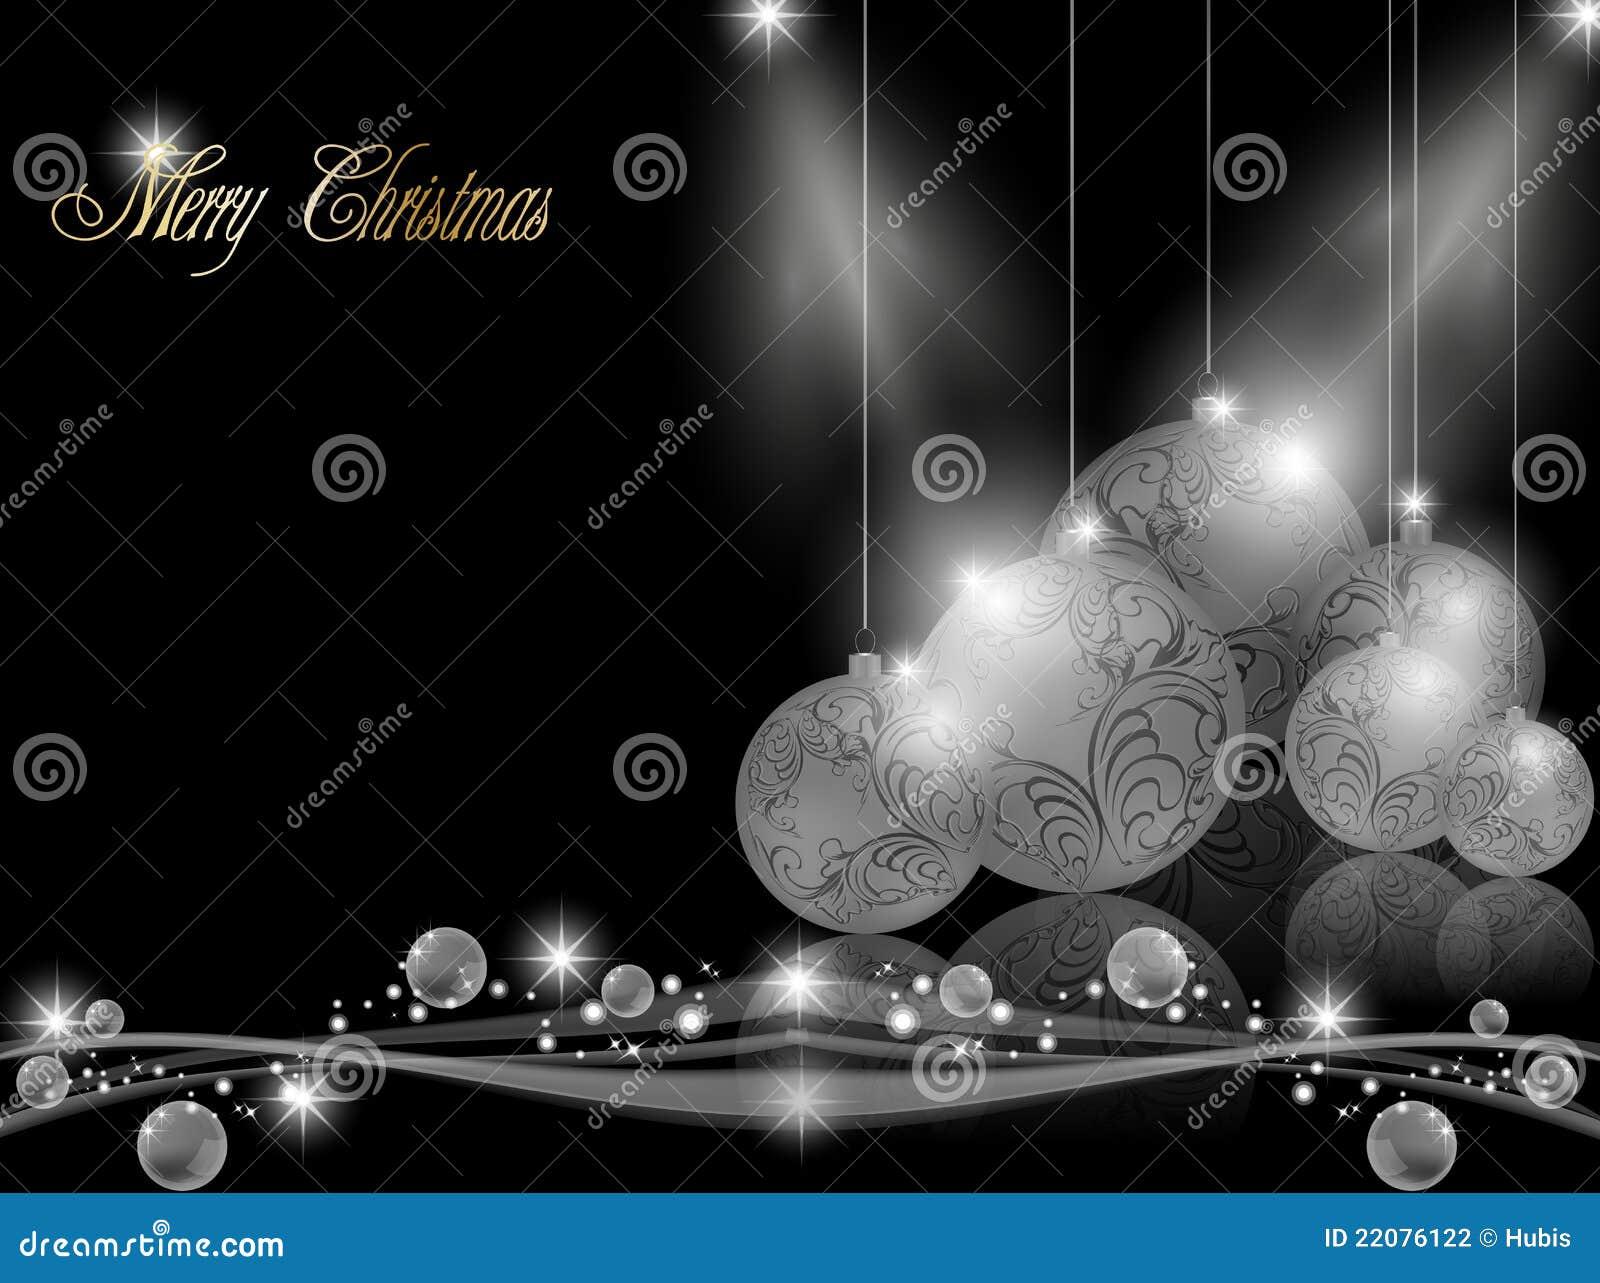 Elegant dark christmas background stock photography for Dark elegant wallpaper